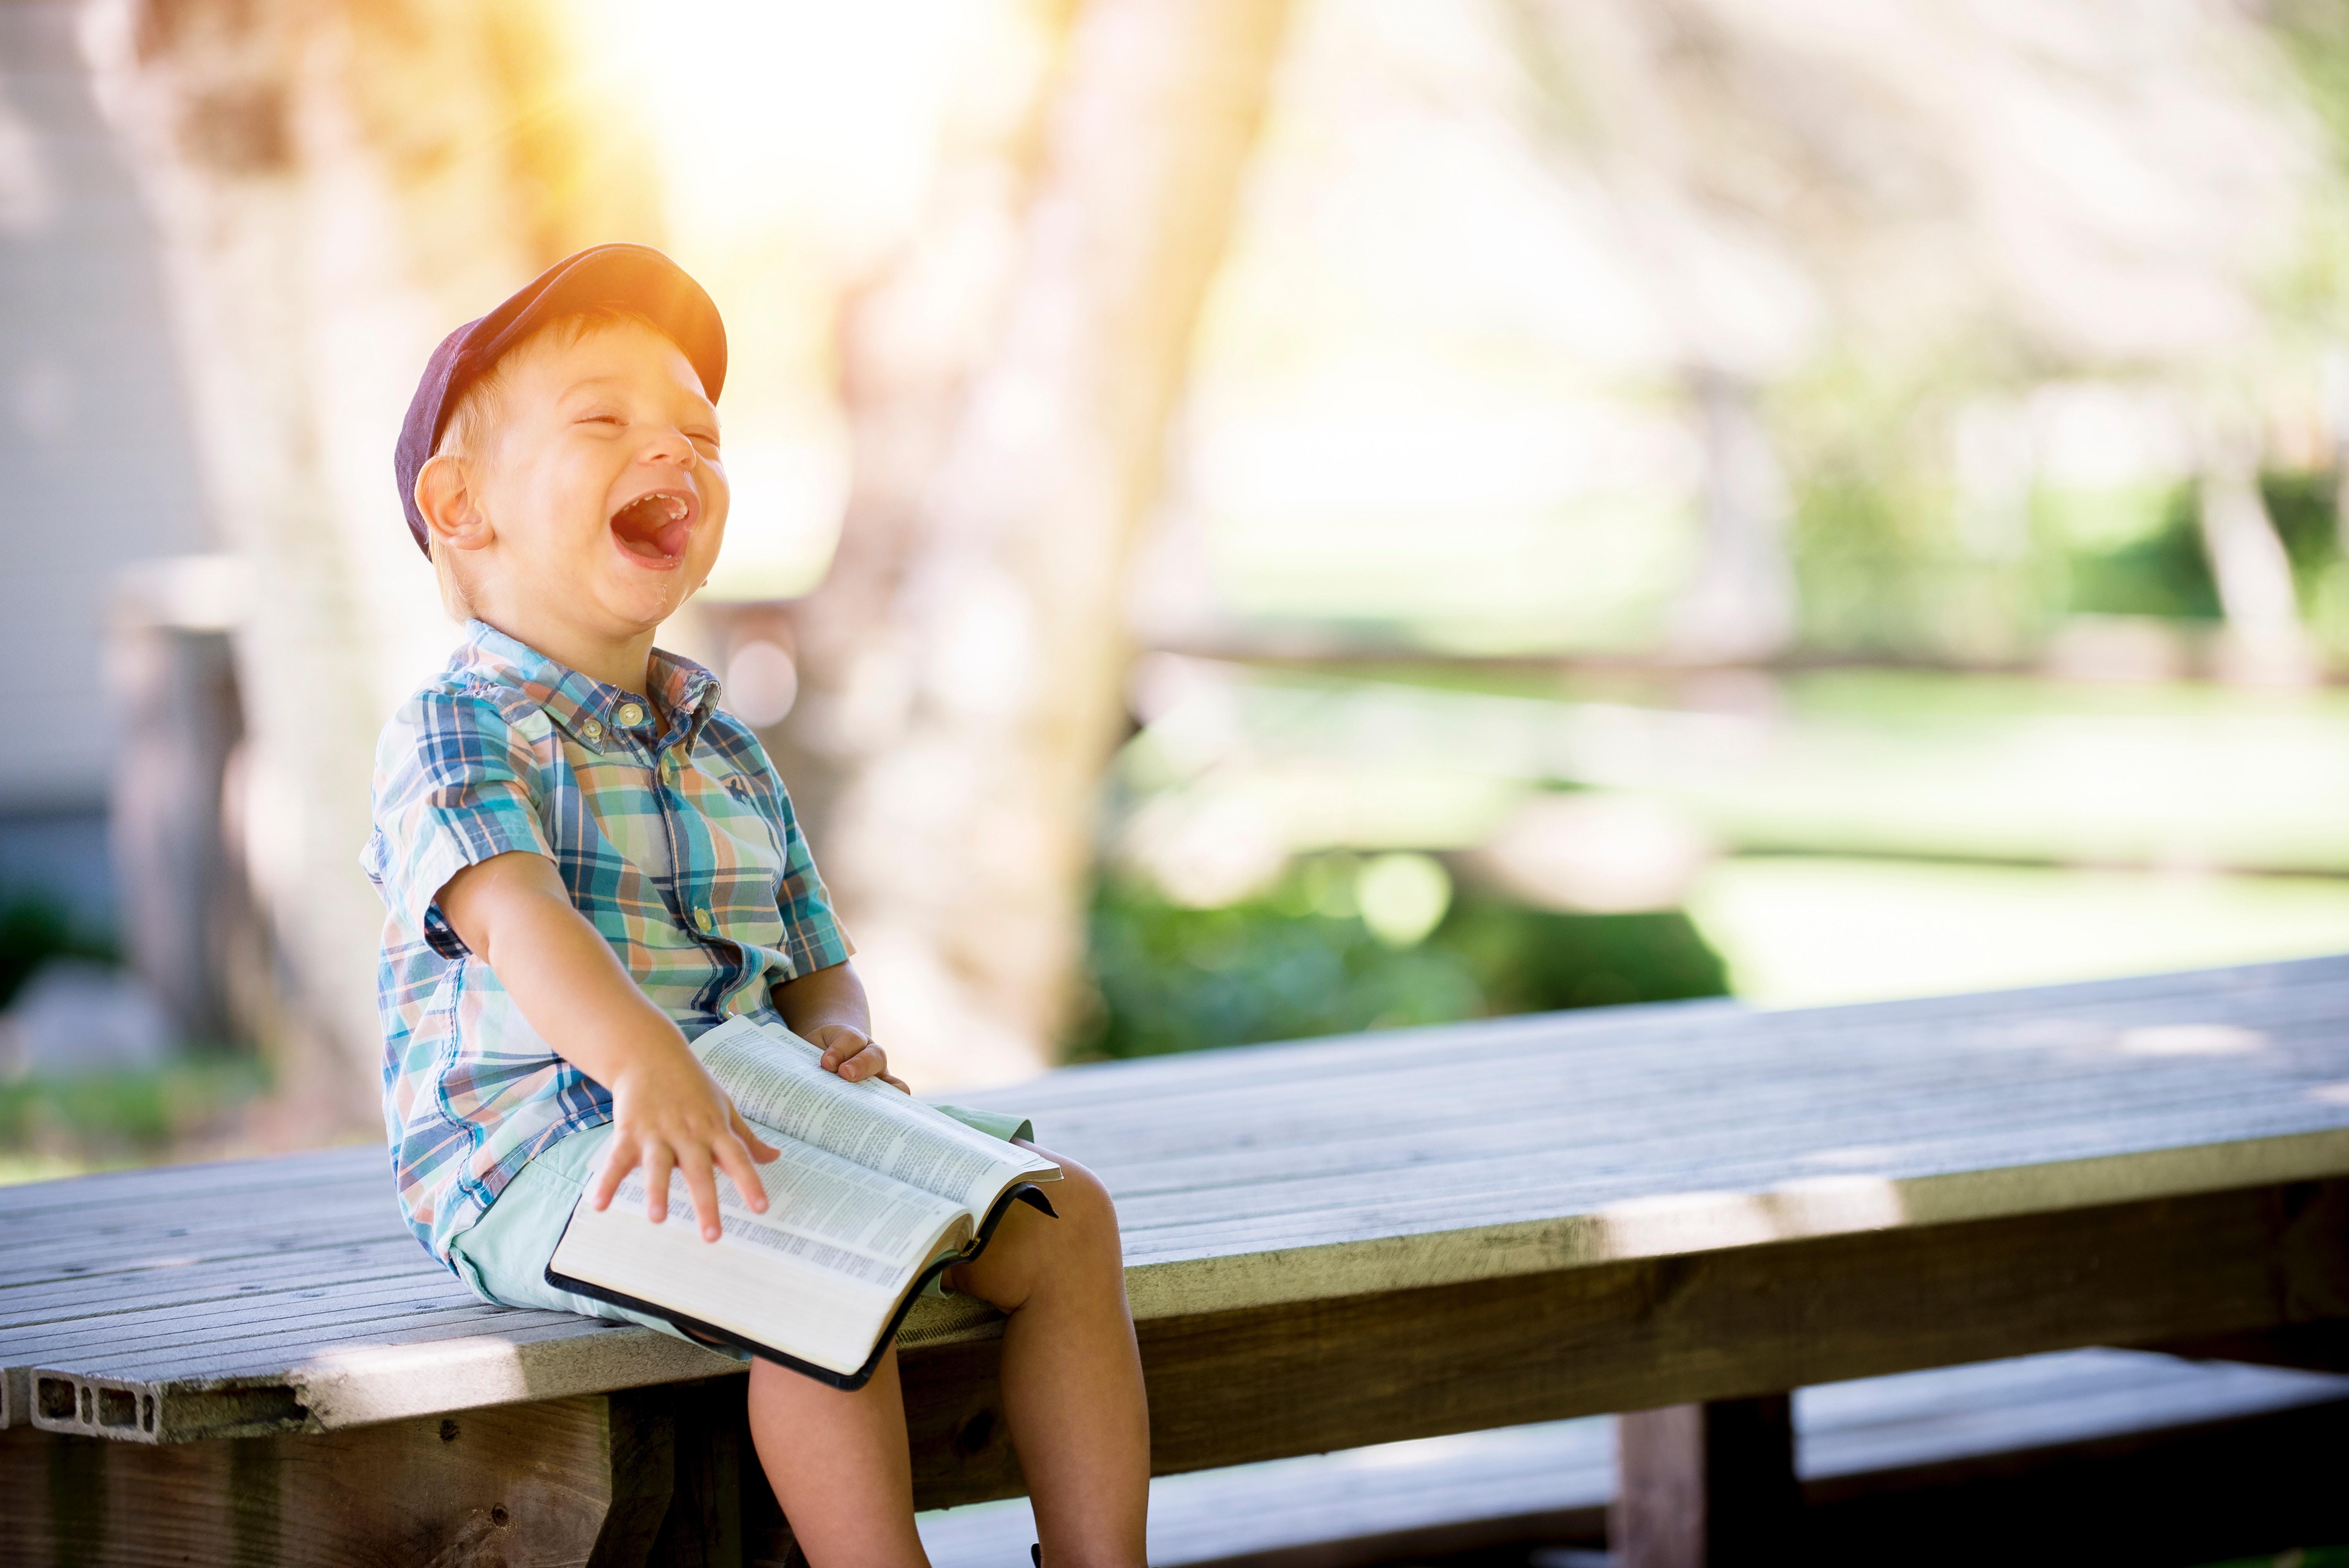 למידה של תינוקות ופעוטות, חדוות הלמידה, הצעדים הבאים